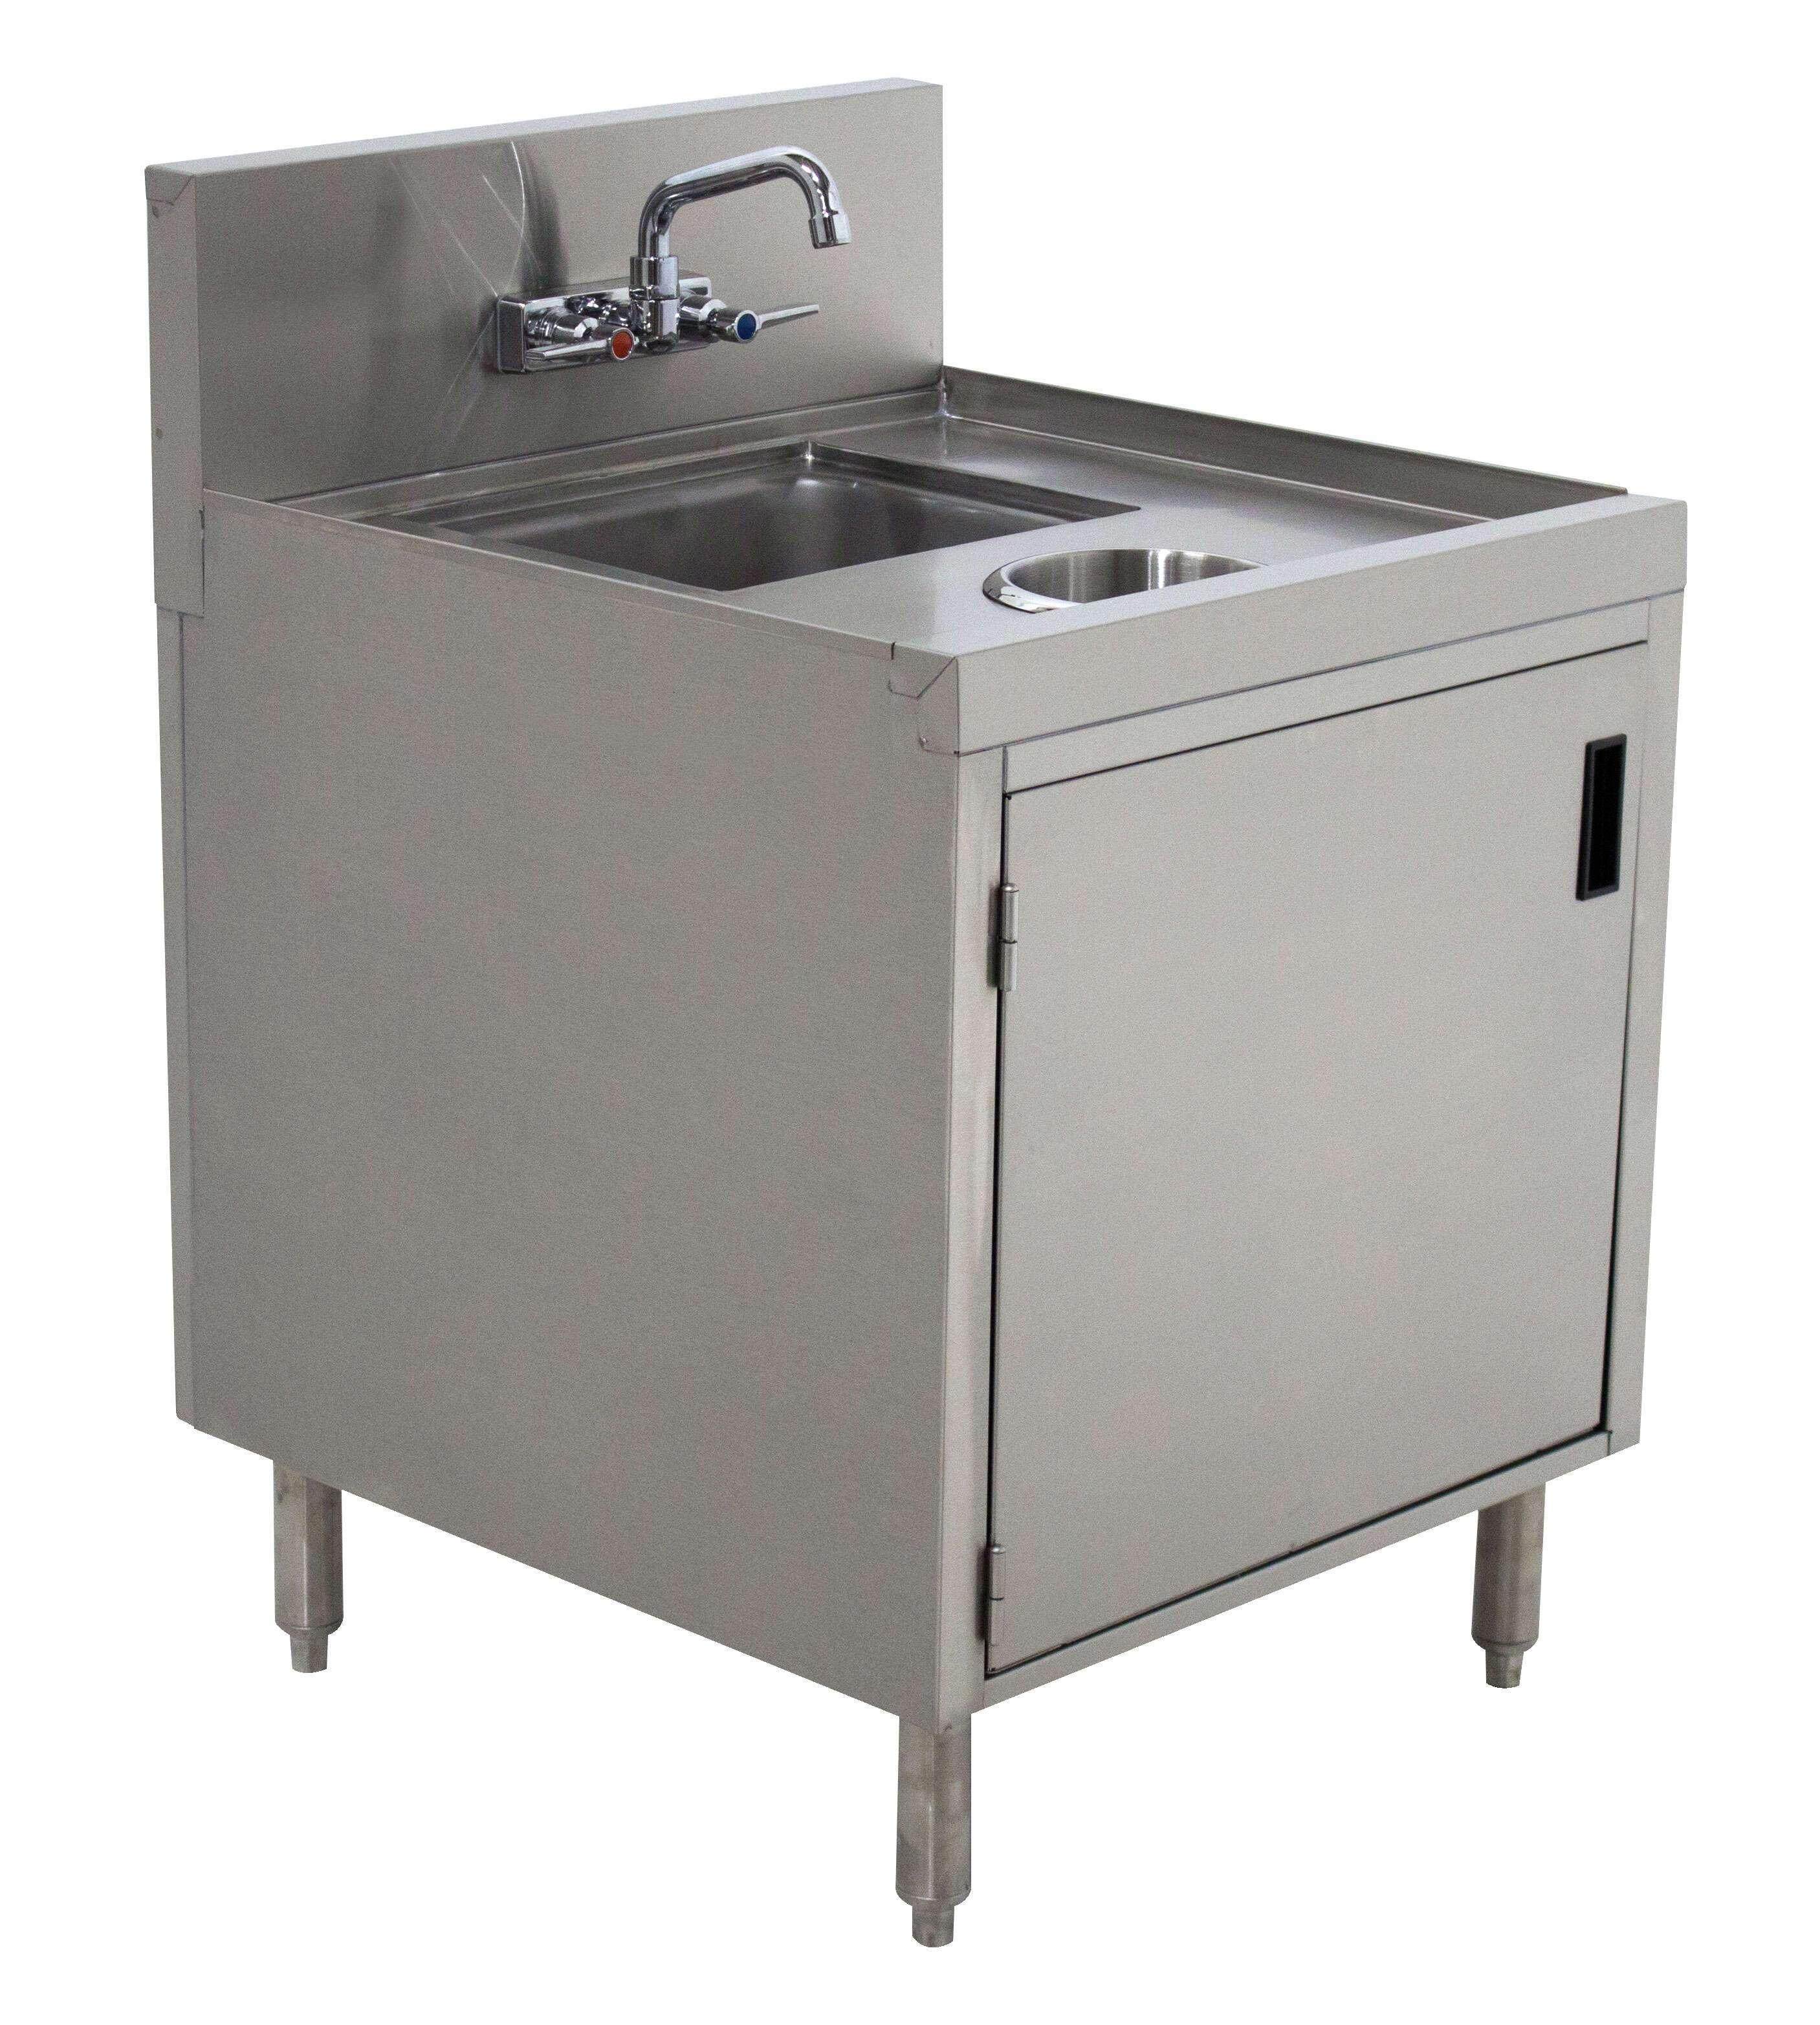 Prestige Kitchen Cabinets: Advance Tabco PRWC-24-18-DR Prestige Wet/Dry